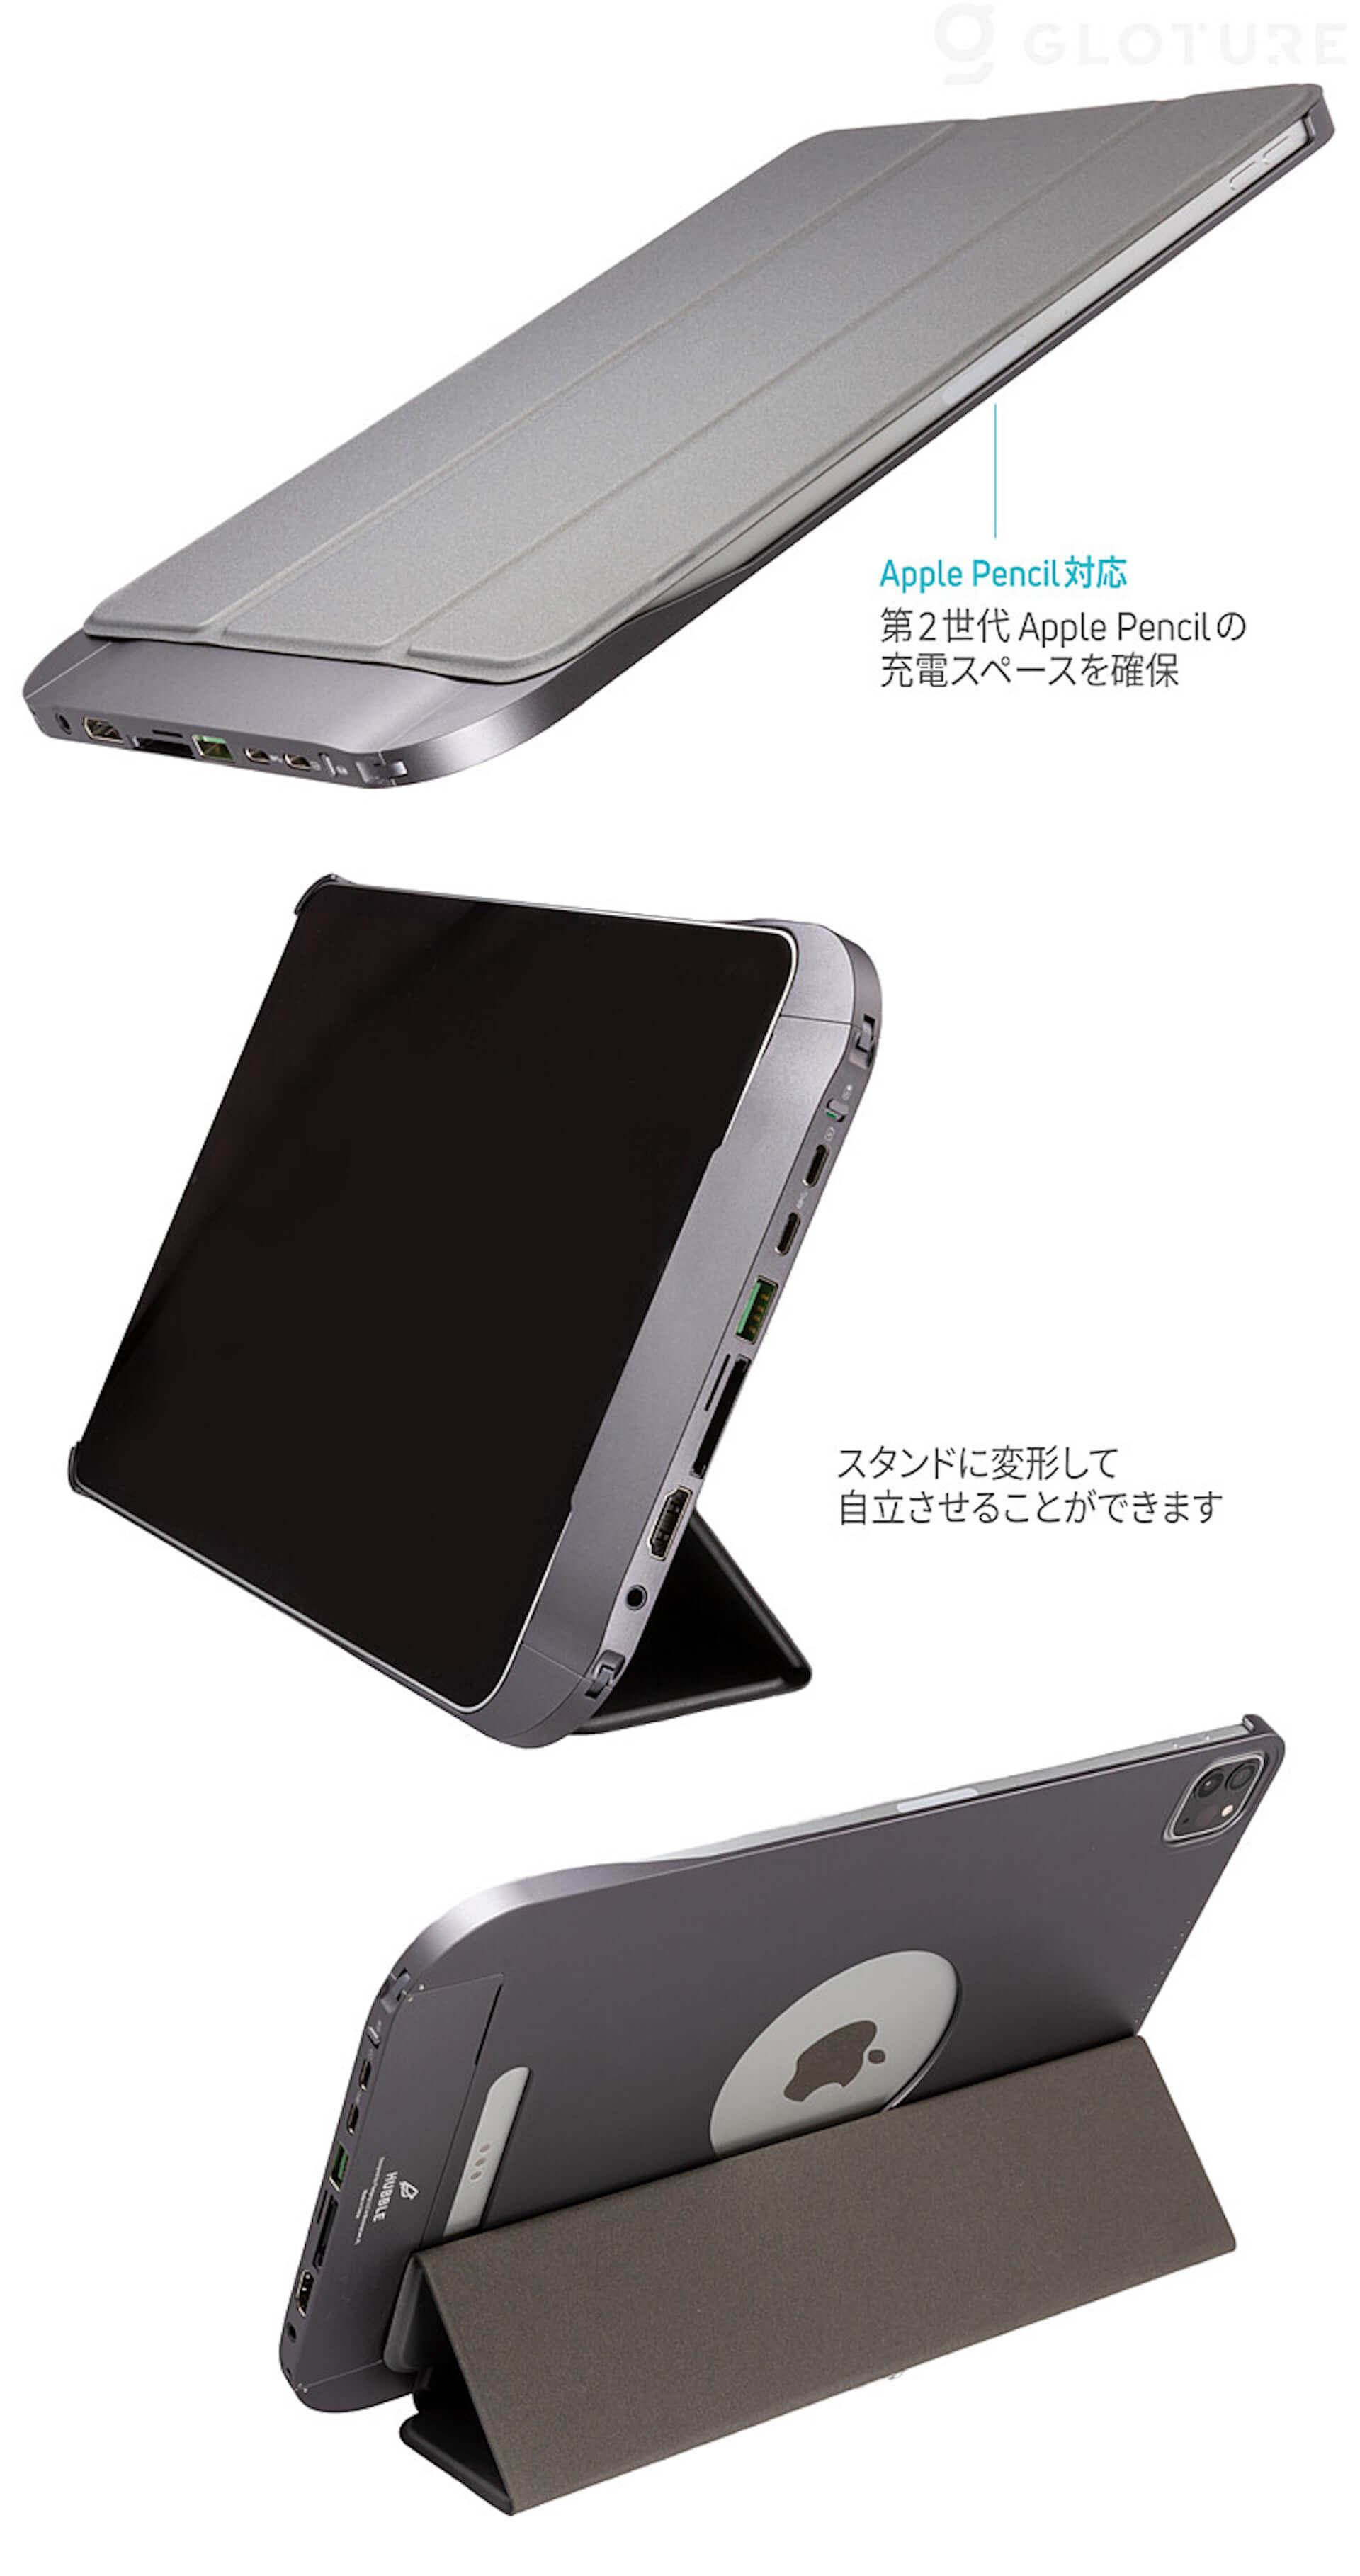 iPad Proの機能を強化できるハイエンドケース『FLEDGING HUBBLE』がGLOTURE.JPに登場!HDMIなど6つの拡張ポートを搭載 tech210323_gloture_4-1920x3636